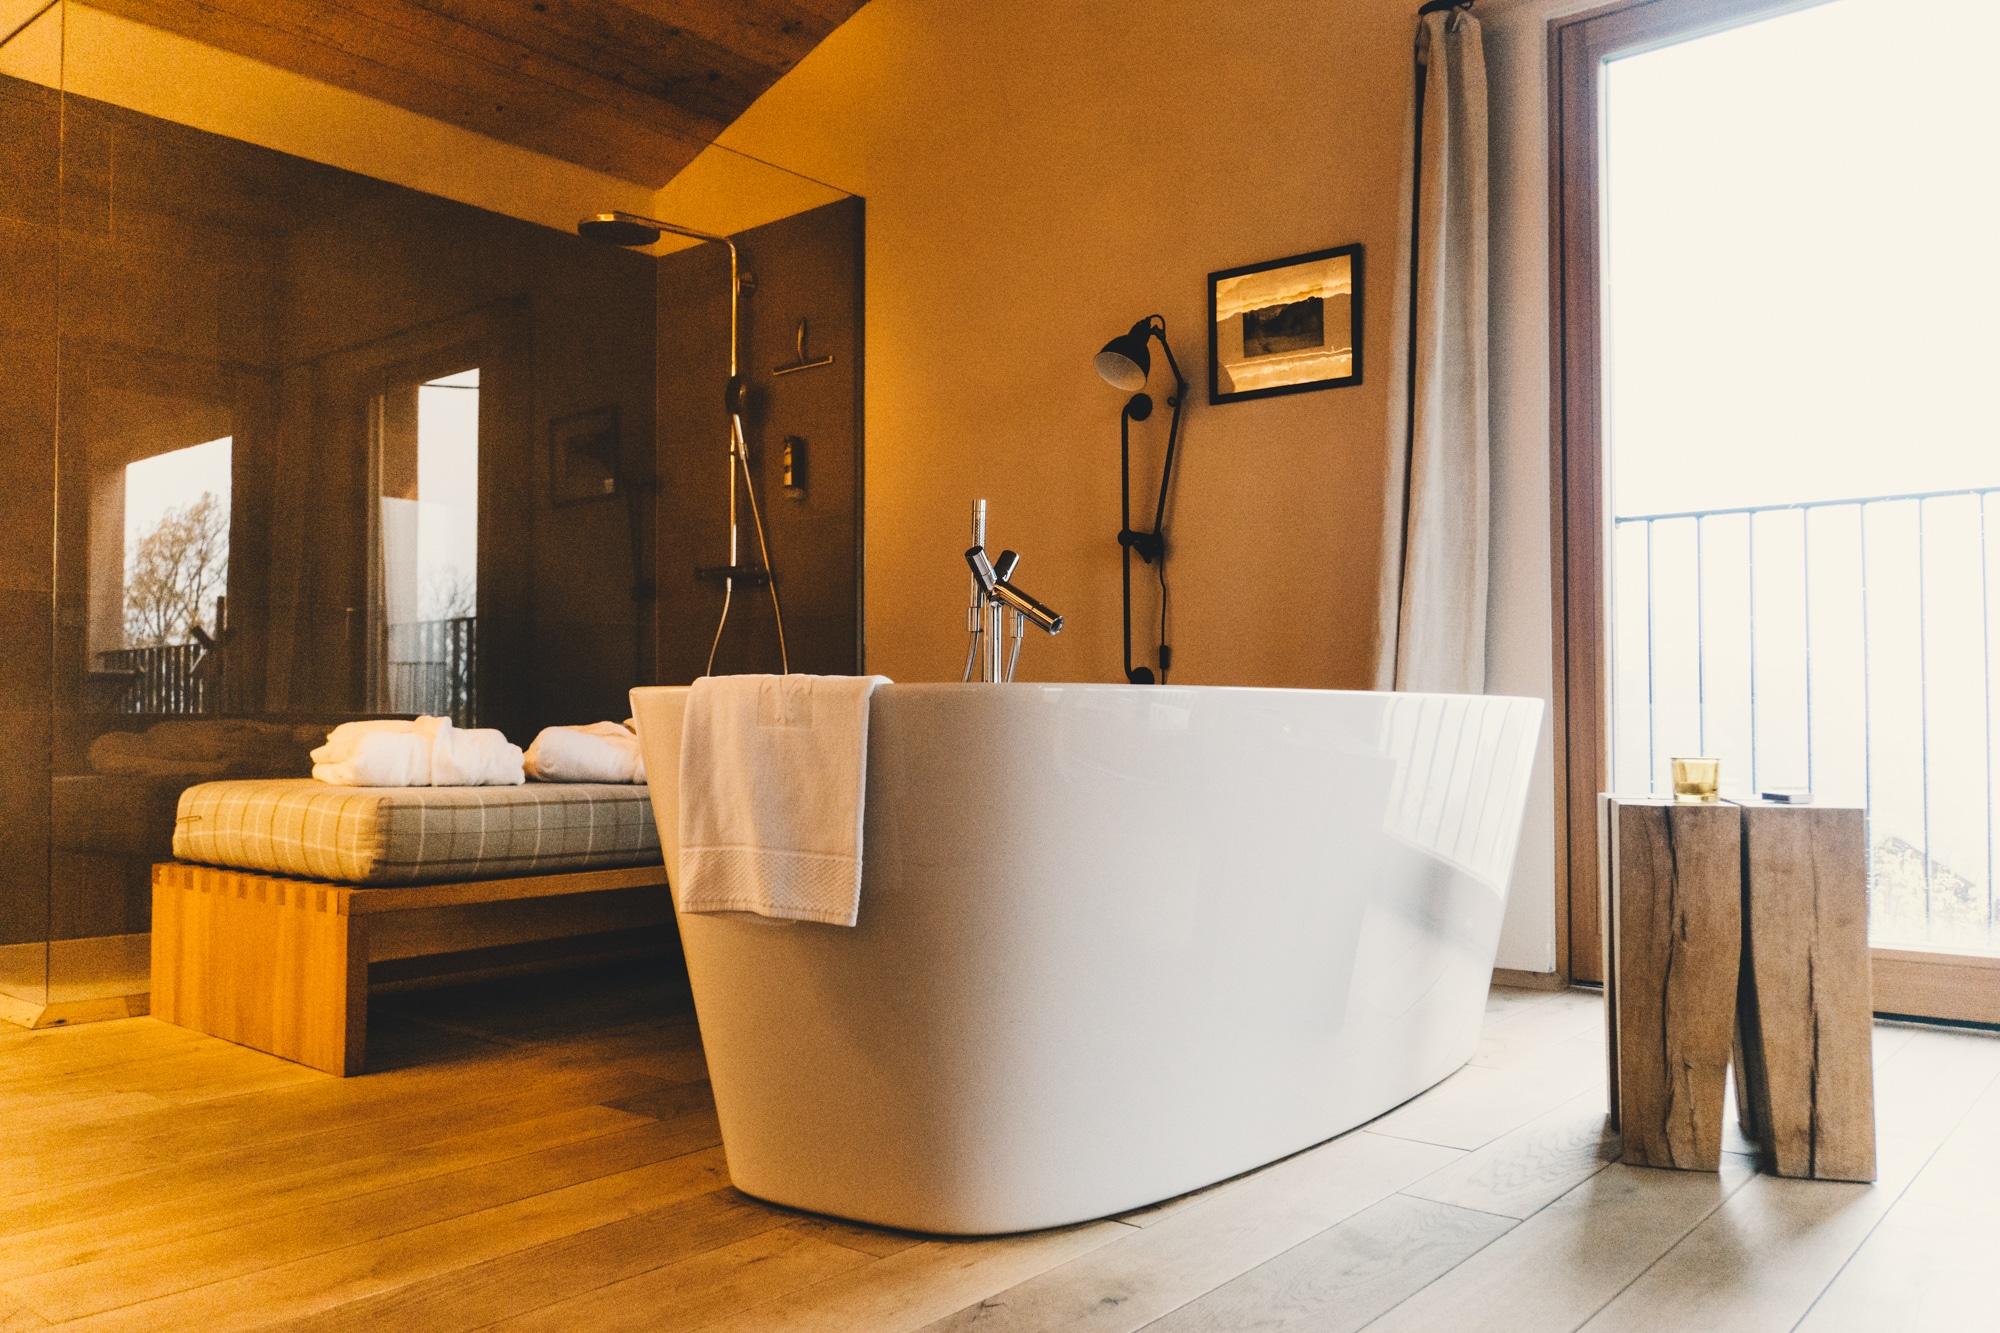 PURESLeben Erfahrungen: Das Landhaus Altenbach in der Südsteiermark - Badewanne